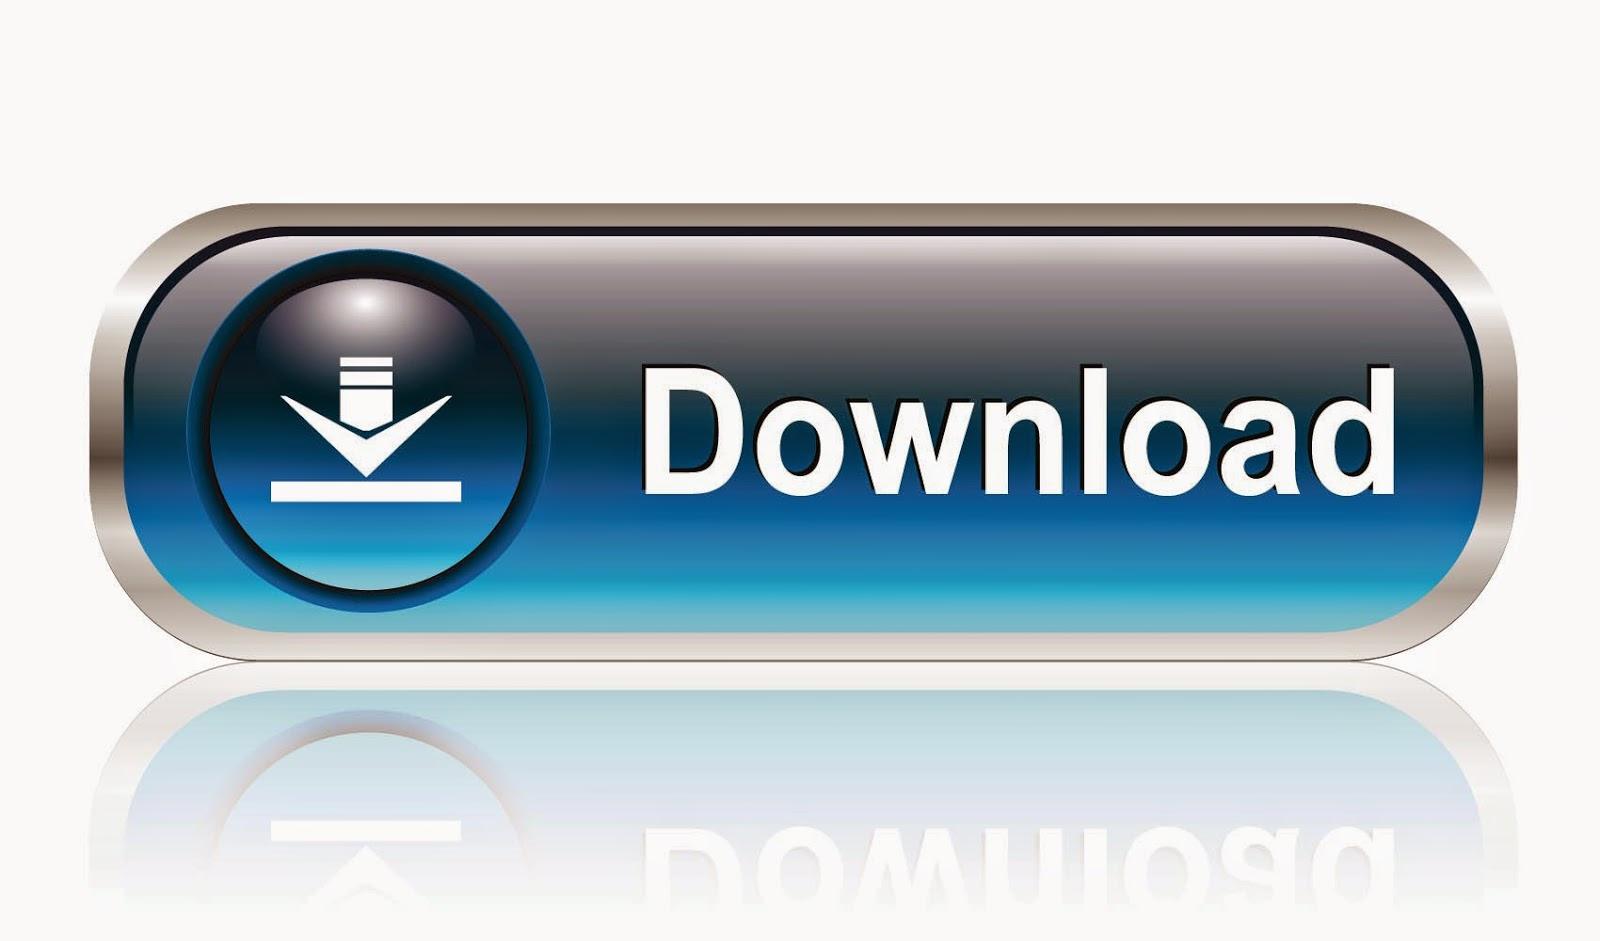 """<img src=""""http://4.bp.blogspot.com/-Uy_5v31_Y-o/U2Yp23yVGaI/AAAAAAAACfc/Rsh7KPBEjZU/s1600/Contacts-Backup-App-.jpg"""" alt=""""Contacts Backup App Apk Free Download"""" />"""